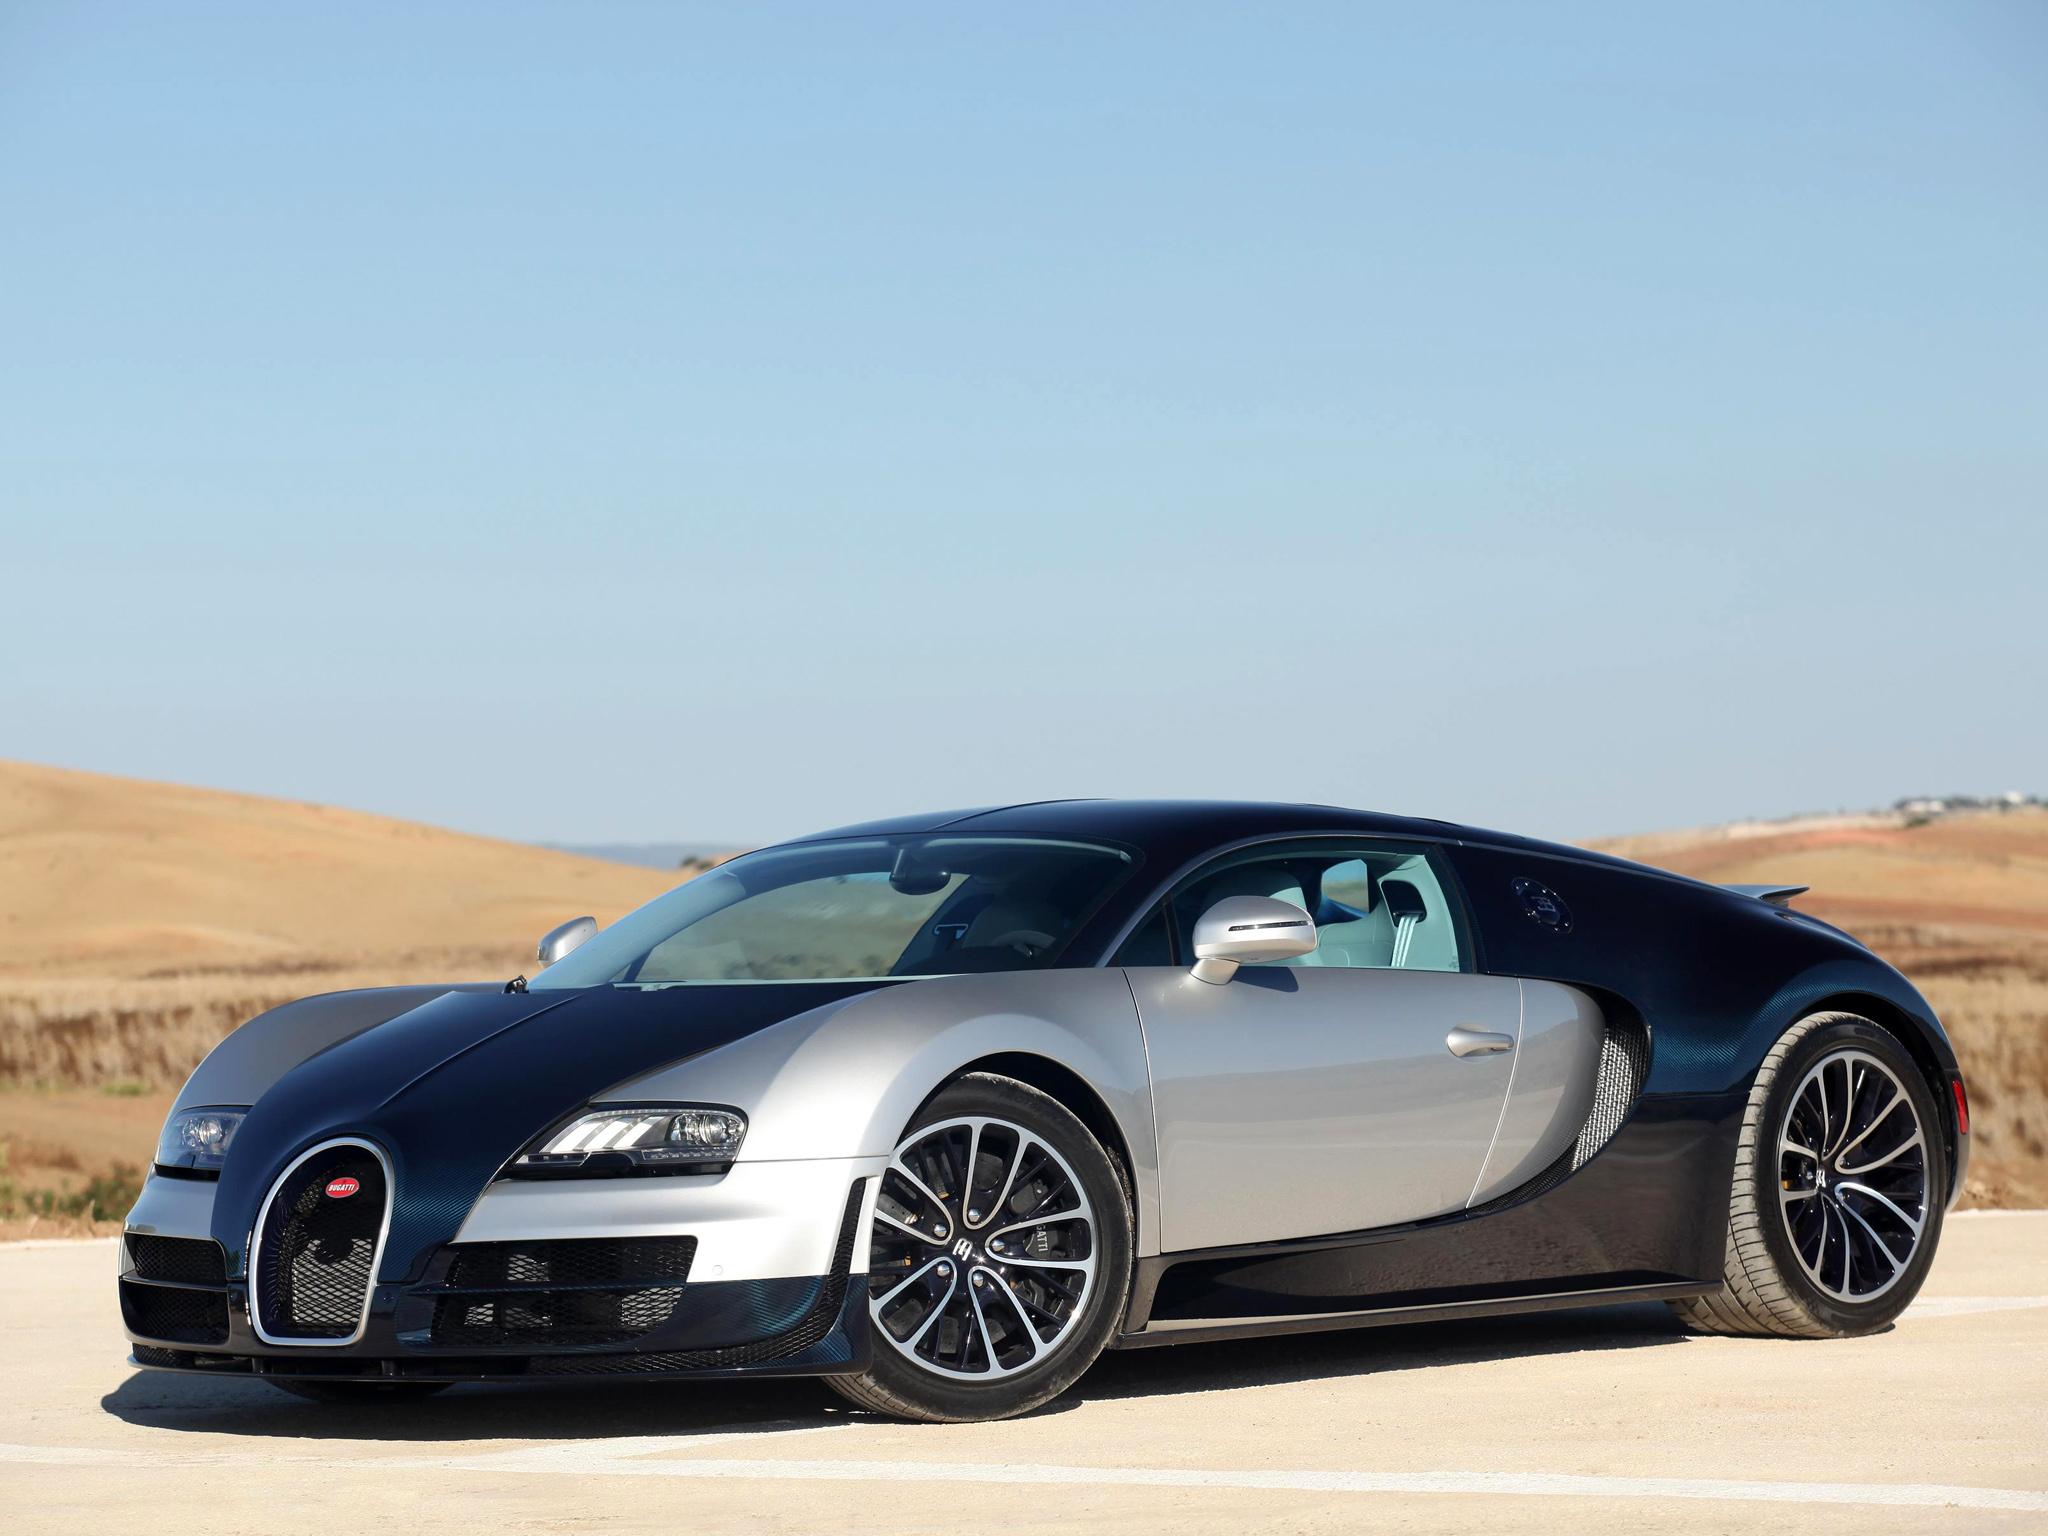 Bugatti Veyron Super Sport snelste auto